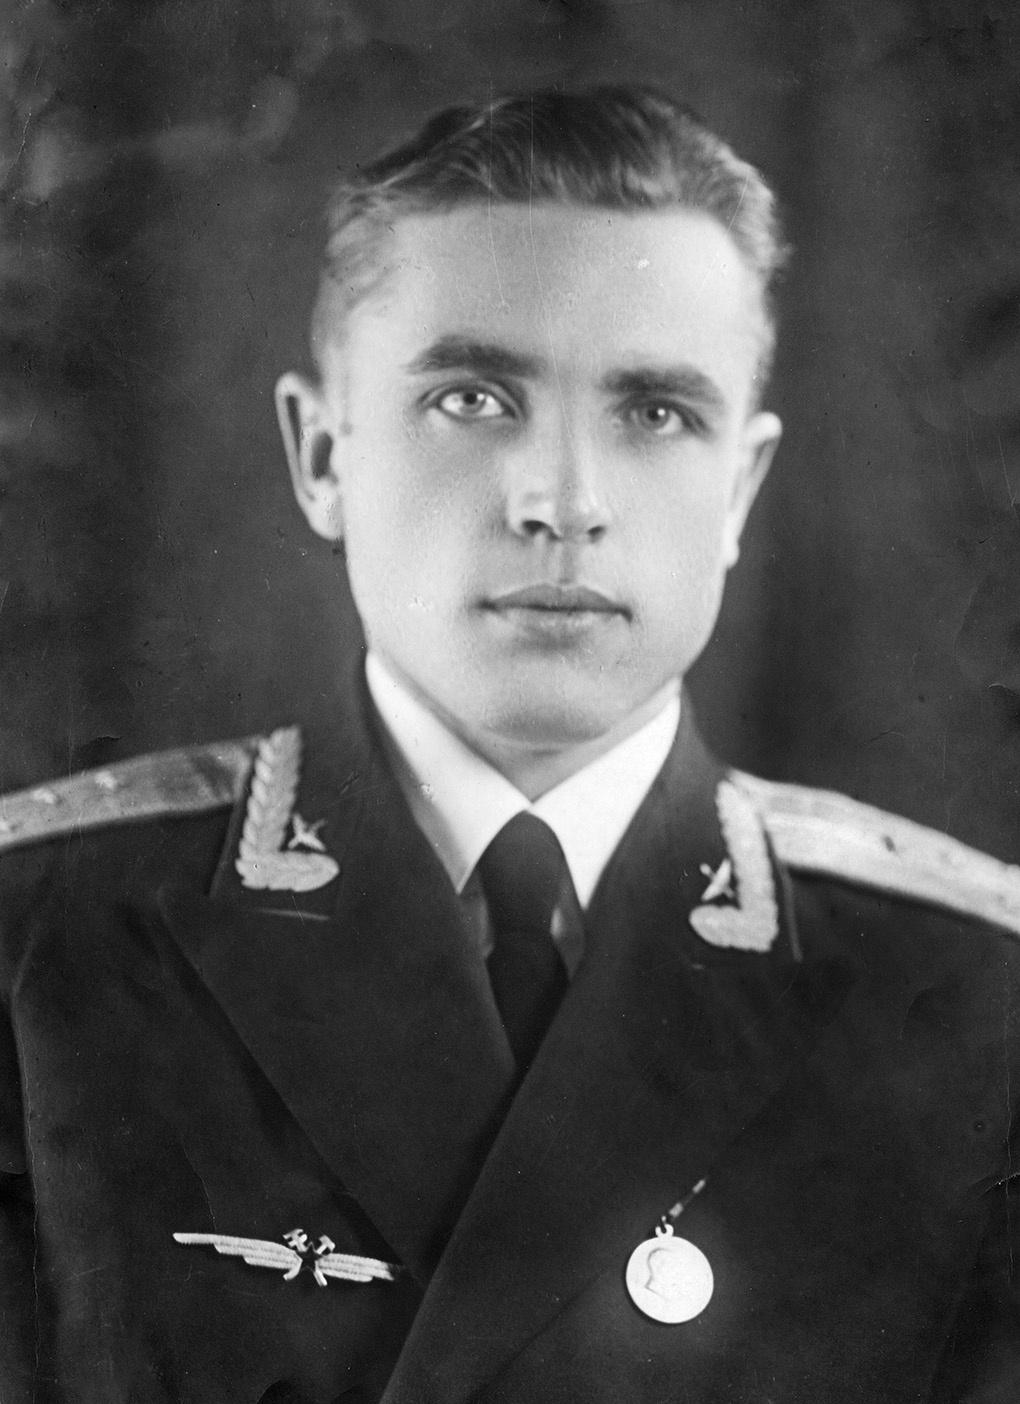 1958 год. Военно-воздушная инженерная академия имени Н.Е.Жуковского, капитан А.Клягин.